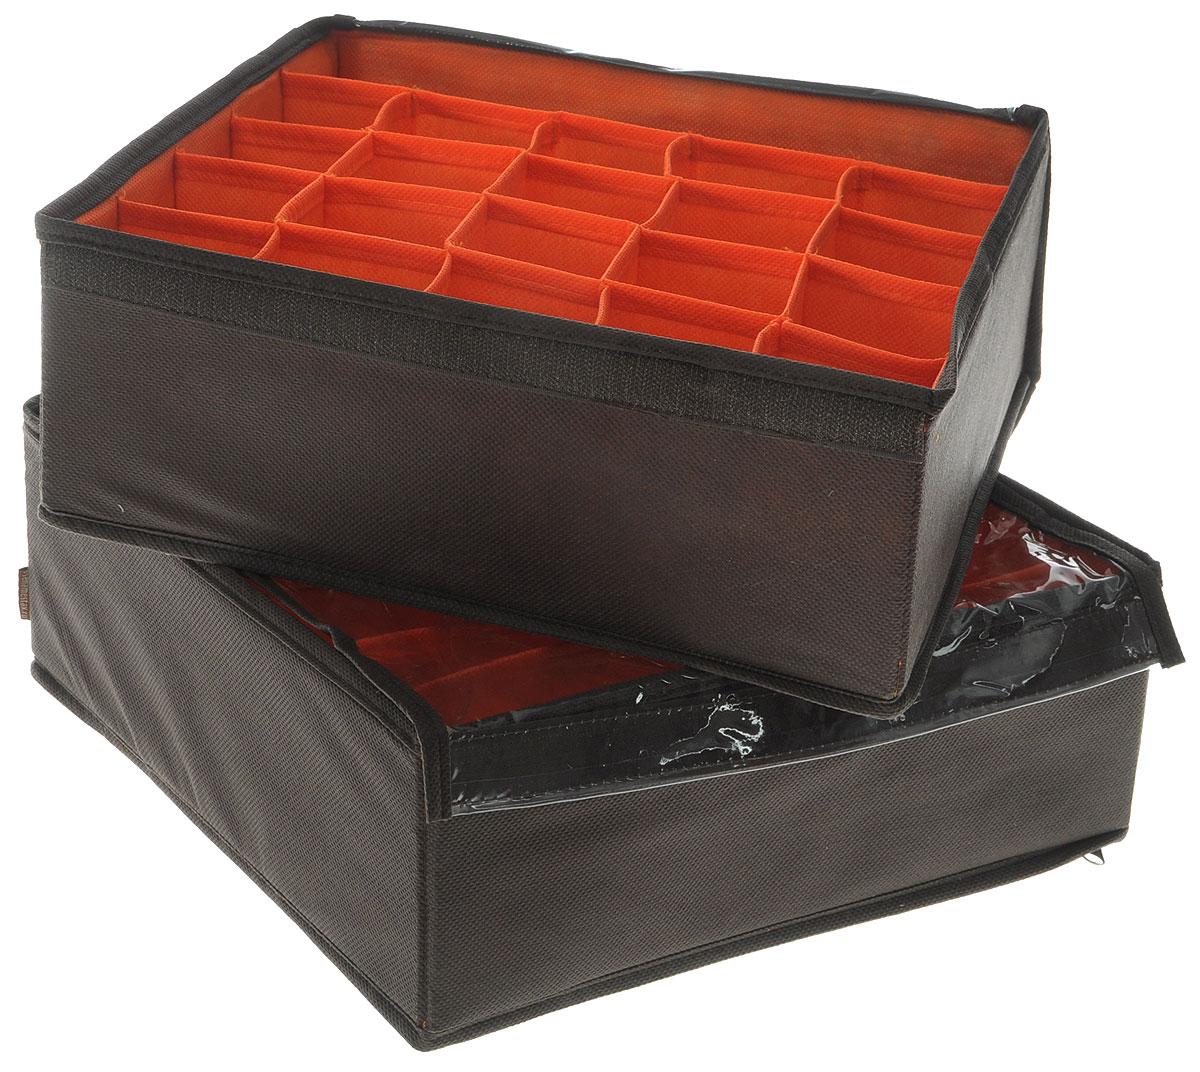 Набор органайзеров для белья Все на местах Классика, с крышкой, цвет: коричневый, оранжевый, 2 предметаБрелок для ключейНабор состоит из двух органайзеров для хранения косметики и аксессуаров, а также белья.Изделия выполнены из высококачественного нетканого материала (спанбонда), которыйобеспечивает естественную вентиляцию, позволяя воздуху проникать внутрь, но не пропускаетпыль. Вставки из ПВХ хорошо держат форму.Набор органайзеров поможет привести элементы женского туалета или белья в порядок. Оригинальный дизайн придется по вкусу ценительницам эстетичного хранения. Размер органайзеров: 32 см х 32 см х 11 см.